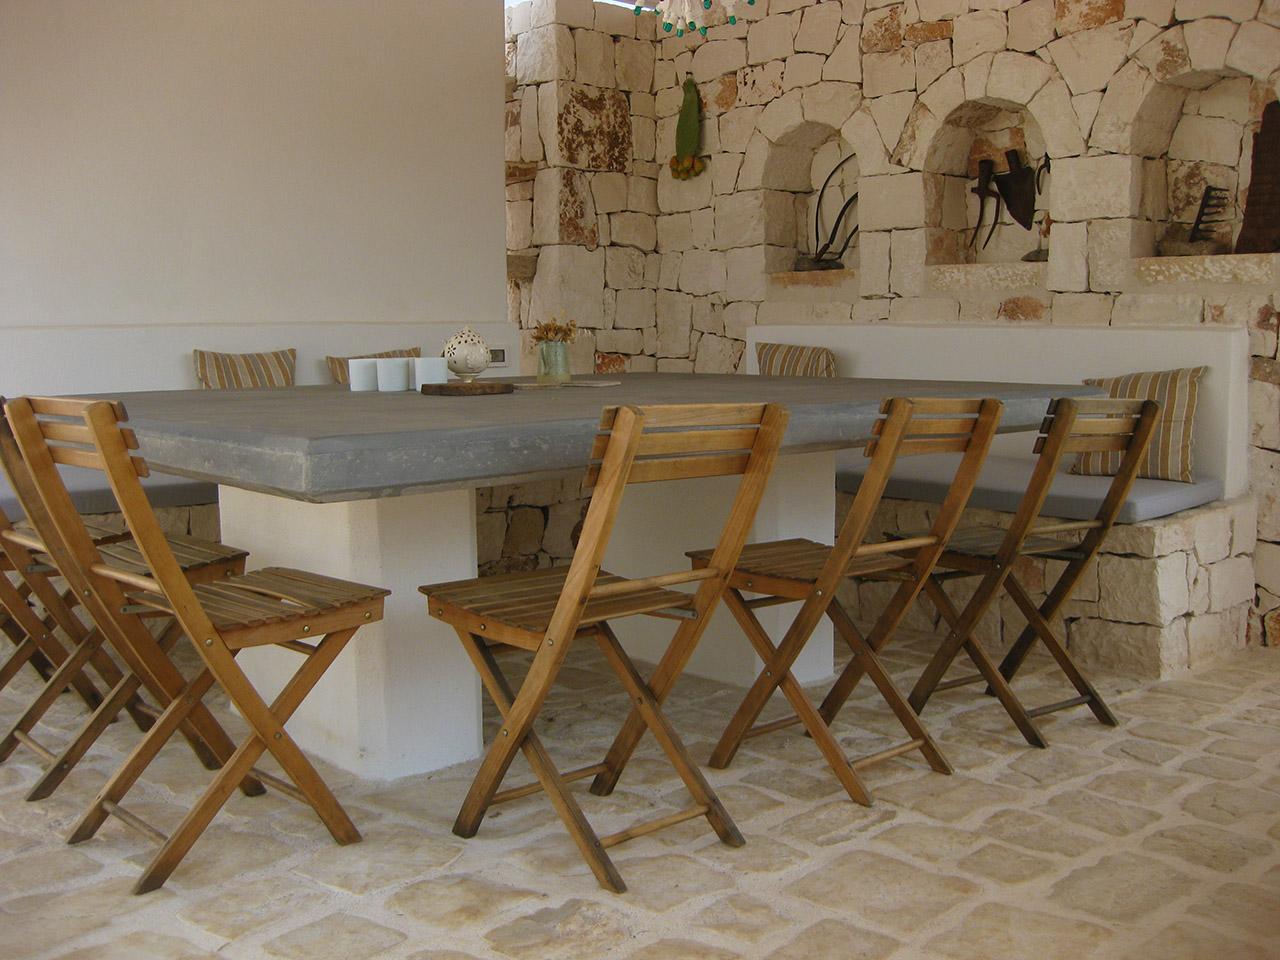 costruzioni restauri sirio ostuni residenza privata fogliarella ostuni img 9454